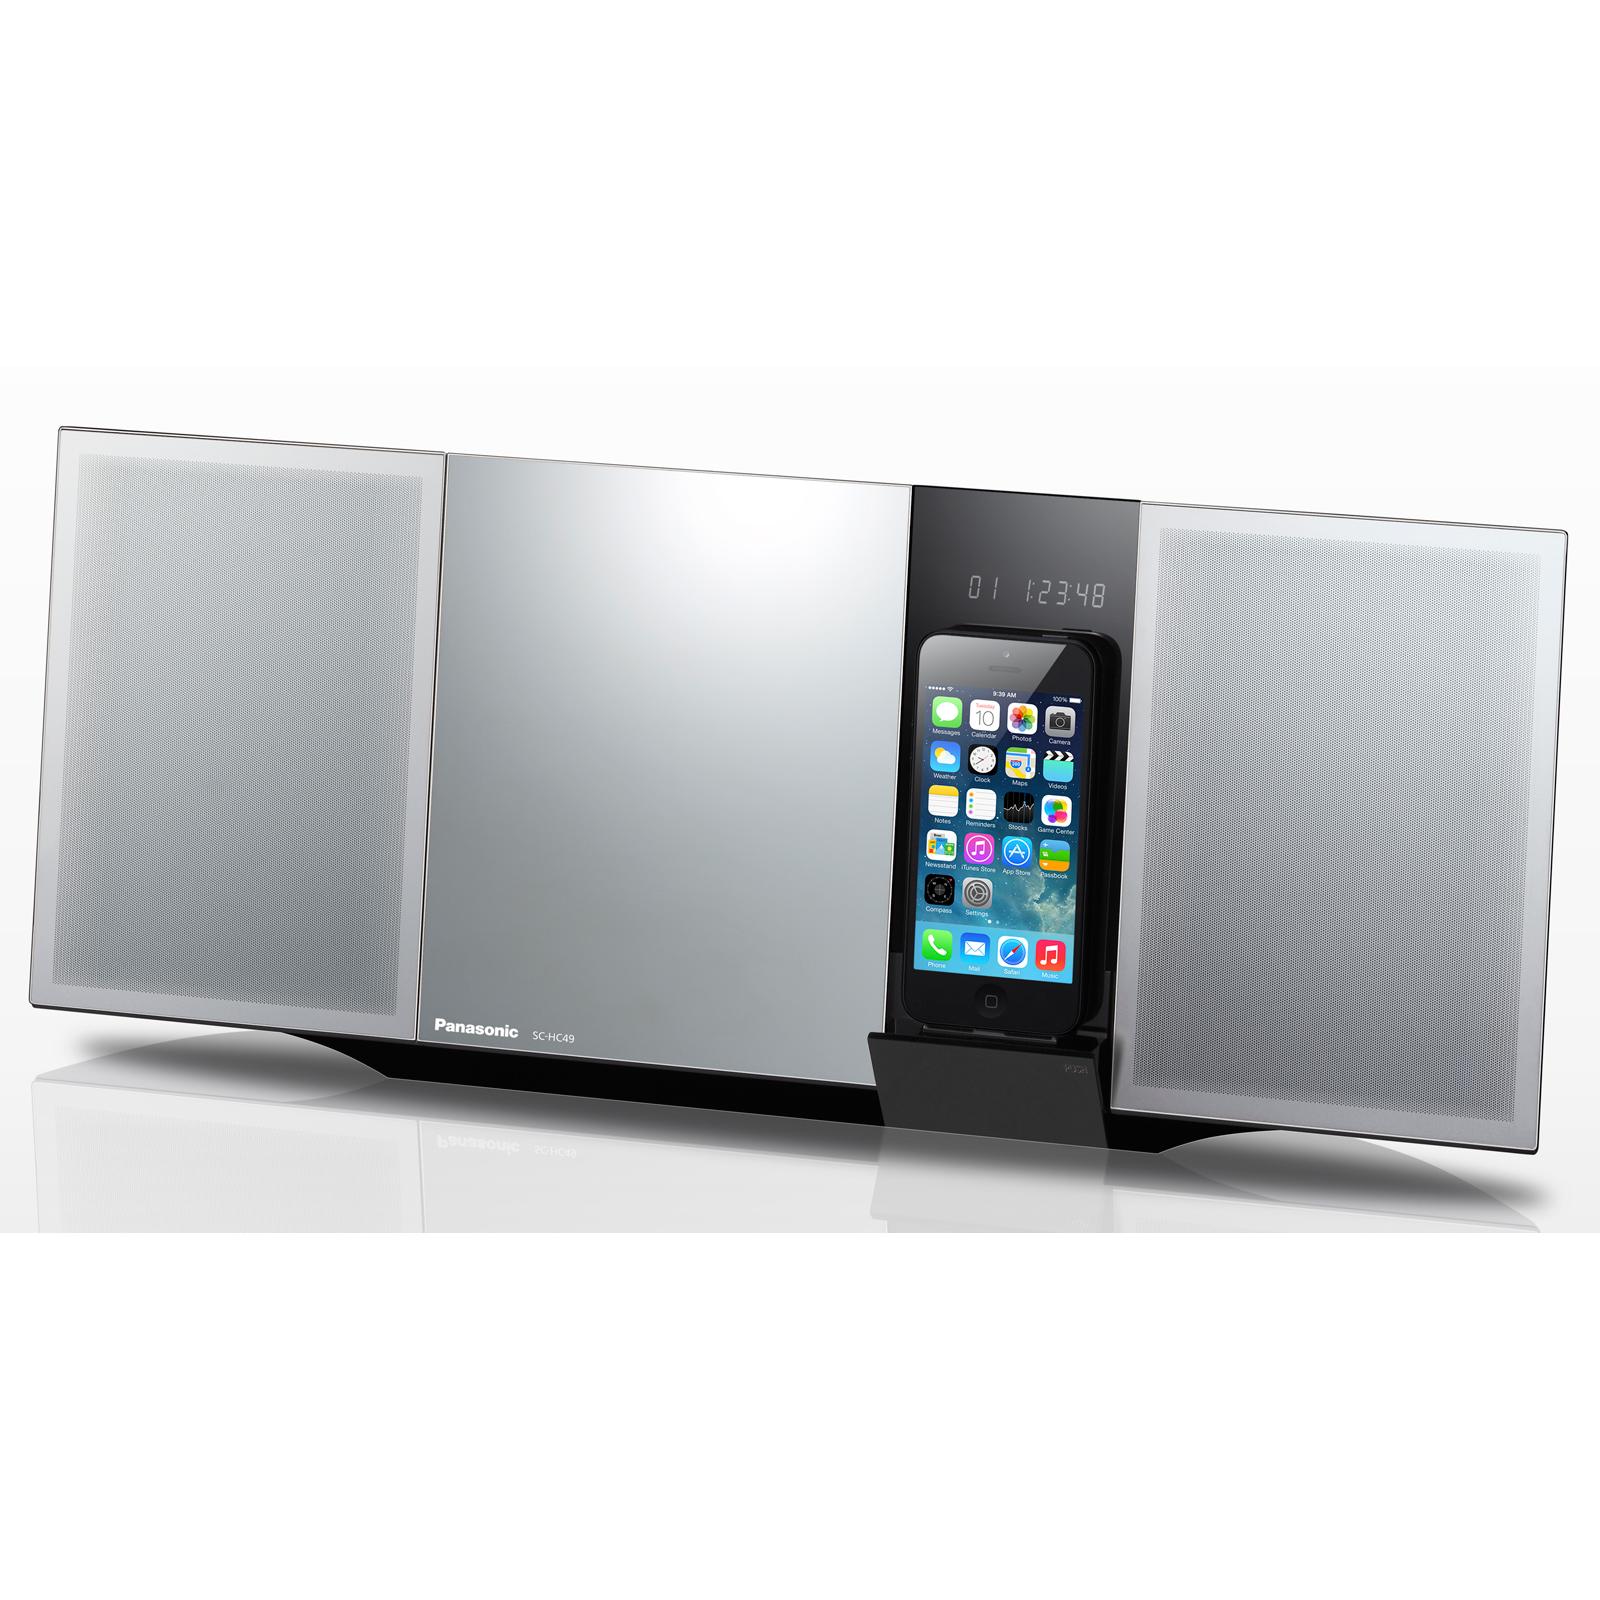 panasonic sc hc49eg s cha ne hifi panasonic sur ldlc. Black Bedroom Furniture Sets. Home Design Ideas